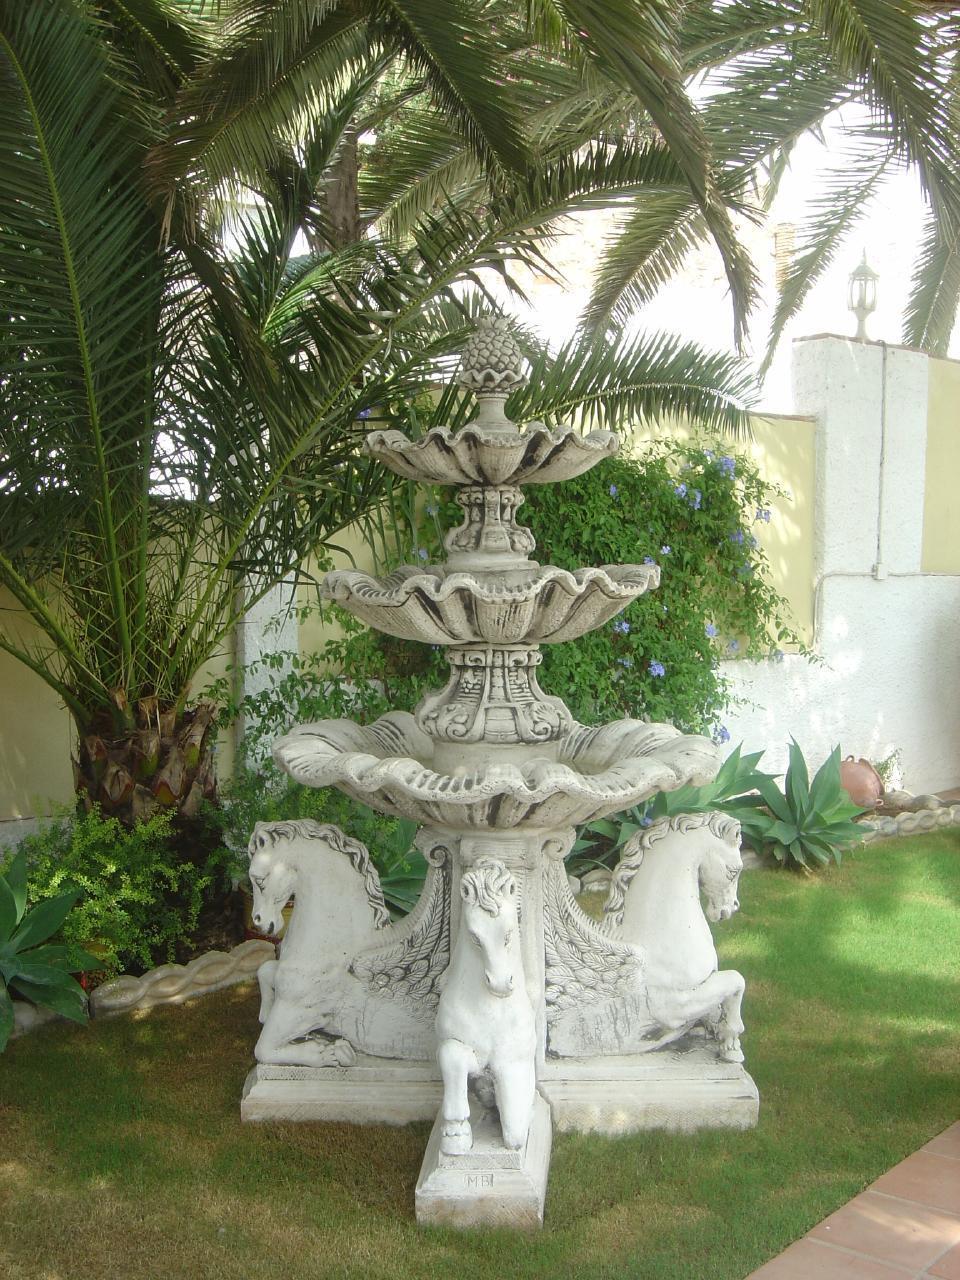 Ferienhaus VILLA LAS CHICAS - Moderne familienfreundliche Villa mit fantastischen Meerblick, großer P (178466), Fuengirola, Costa del Sol, Andalusien, Spanien, Bild 40